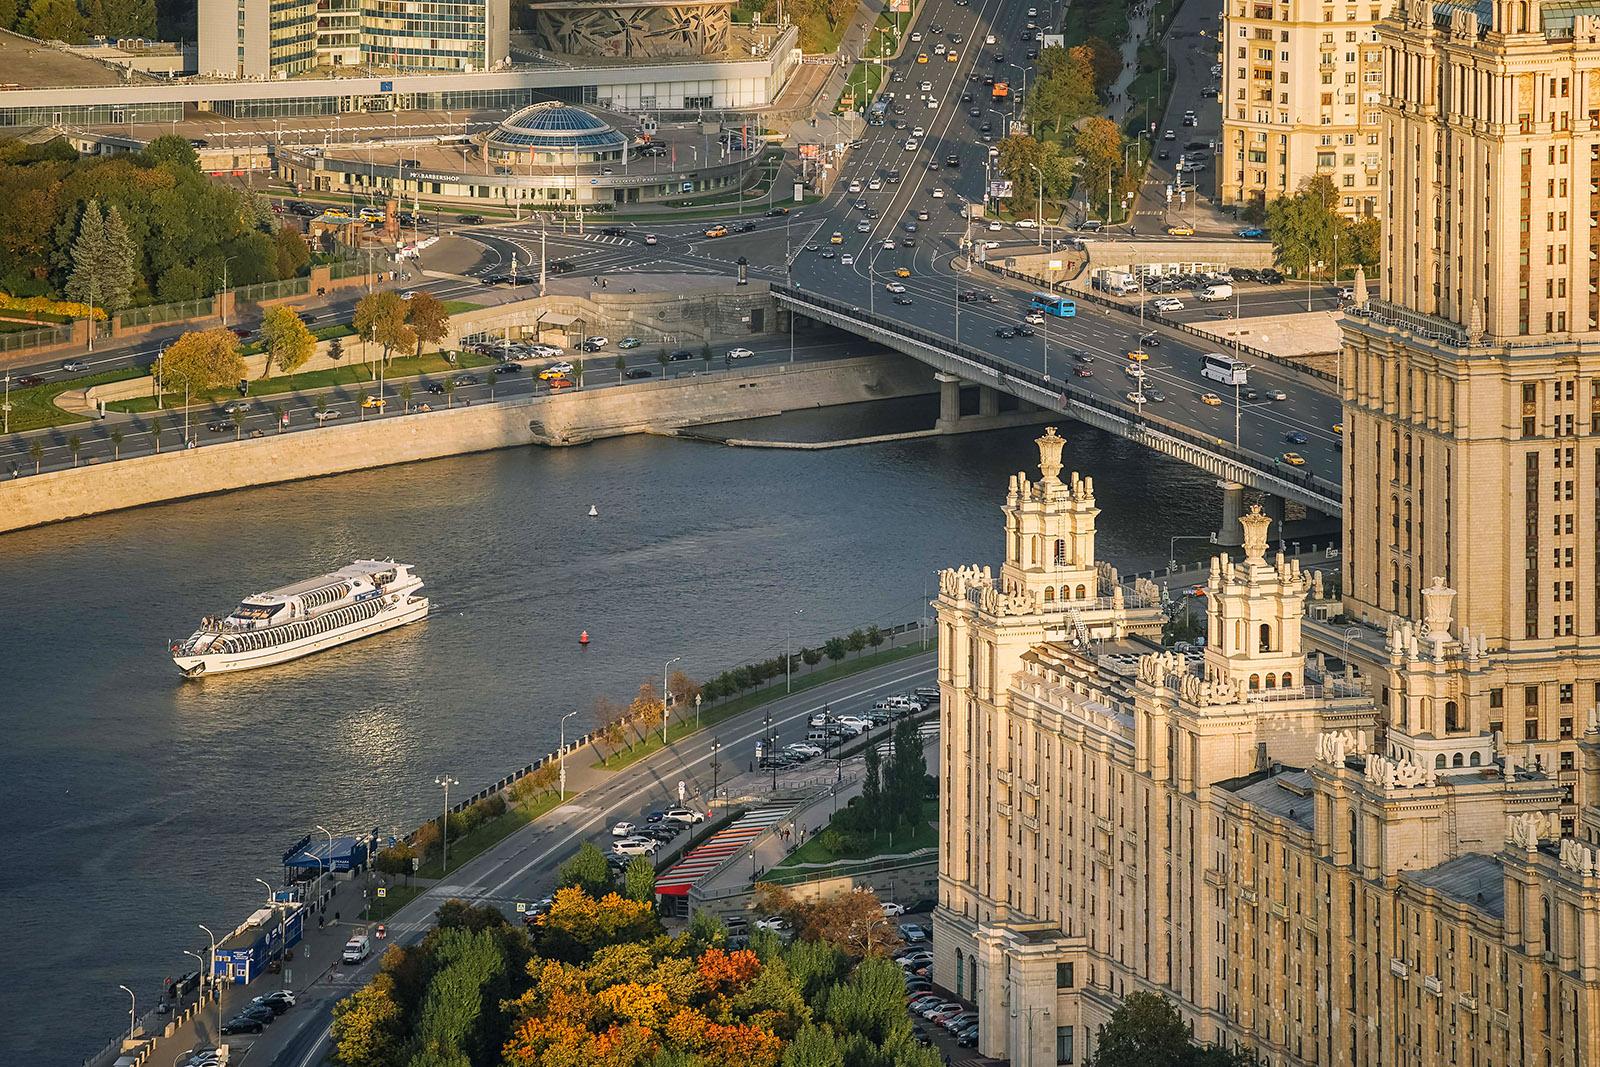 БКЛ, МЦД и речные трамваи: как в столице развивается общественный транспорт